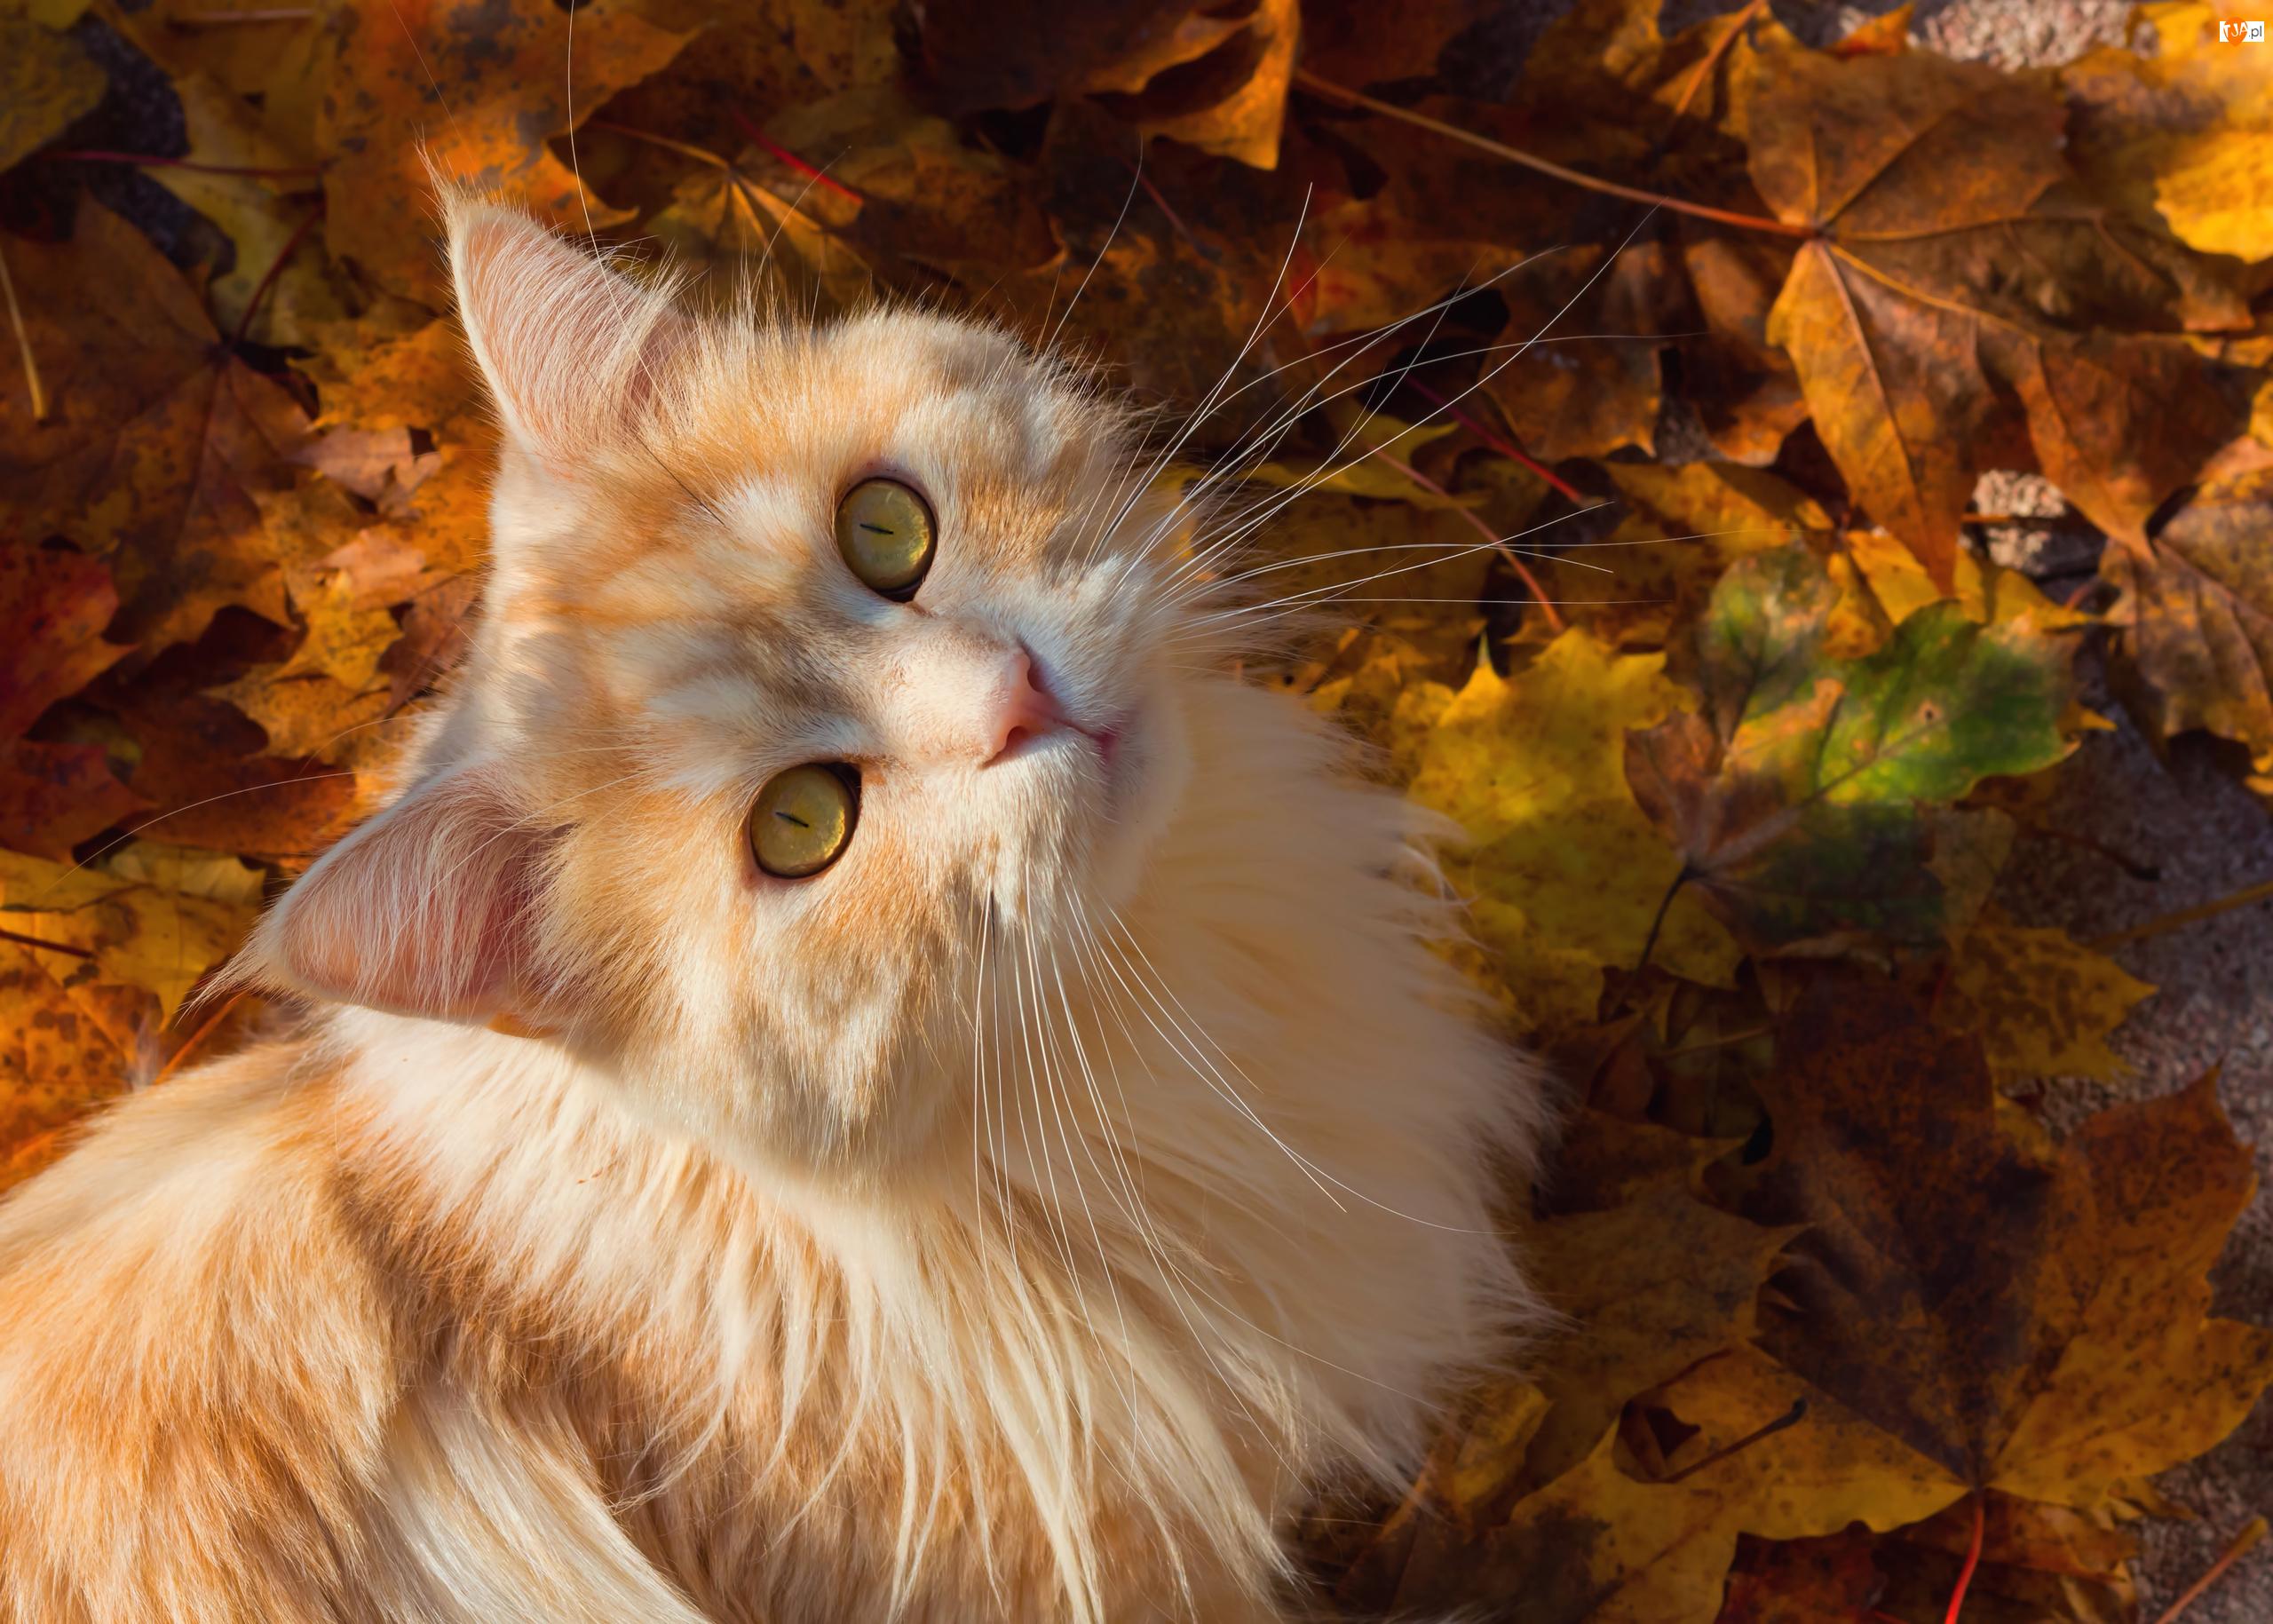 Kot, Jasnorudy, Oczy, Liście, Miodowe, Jesienne